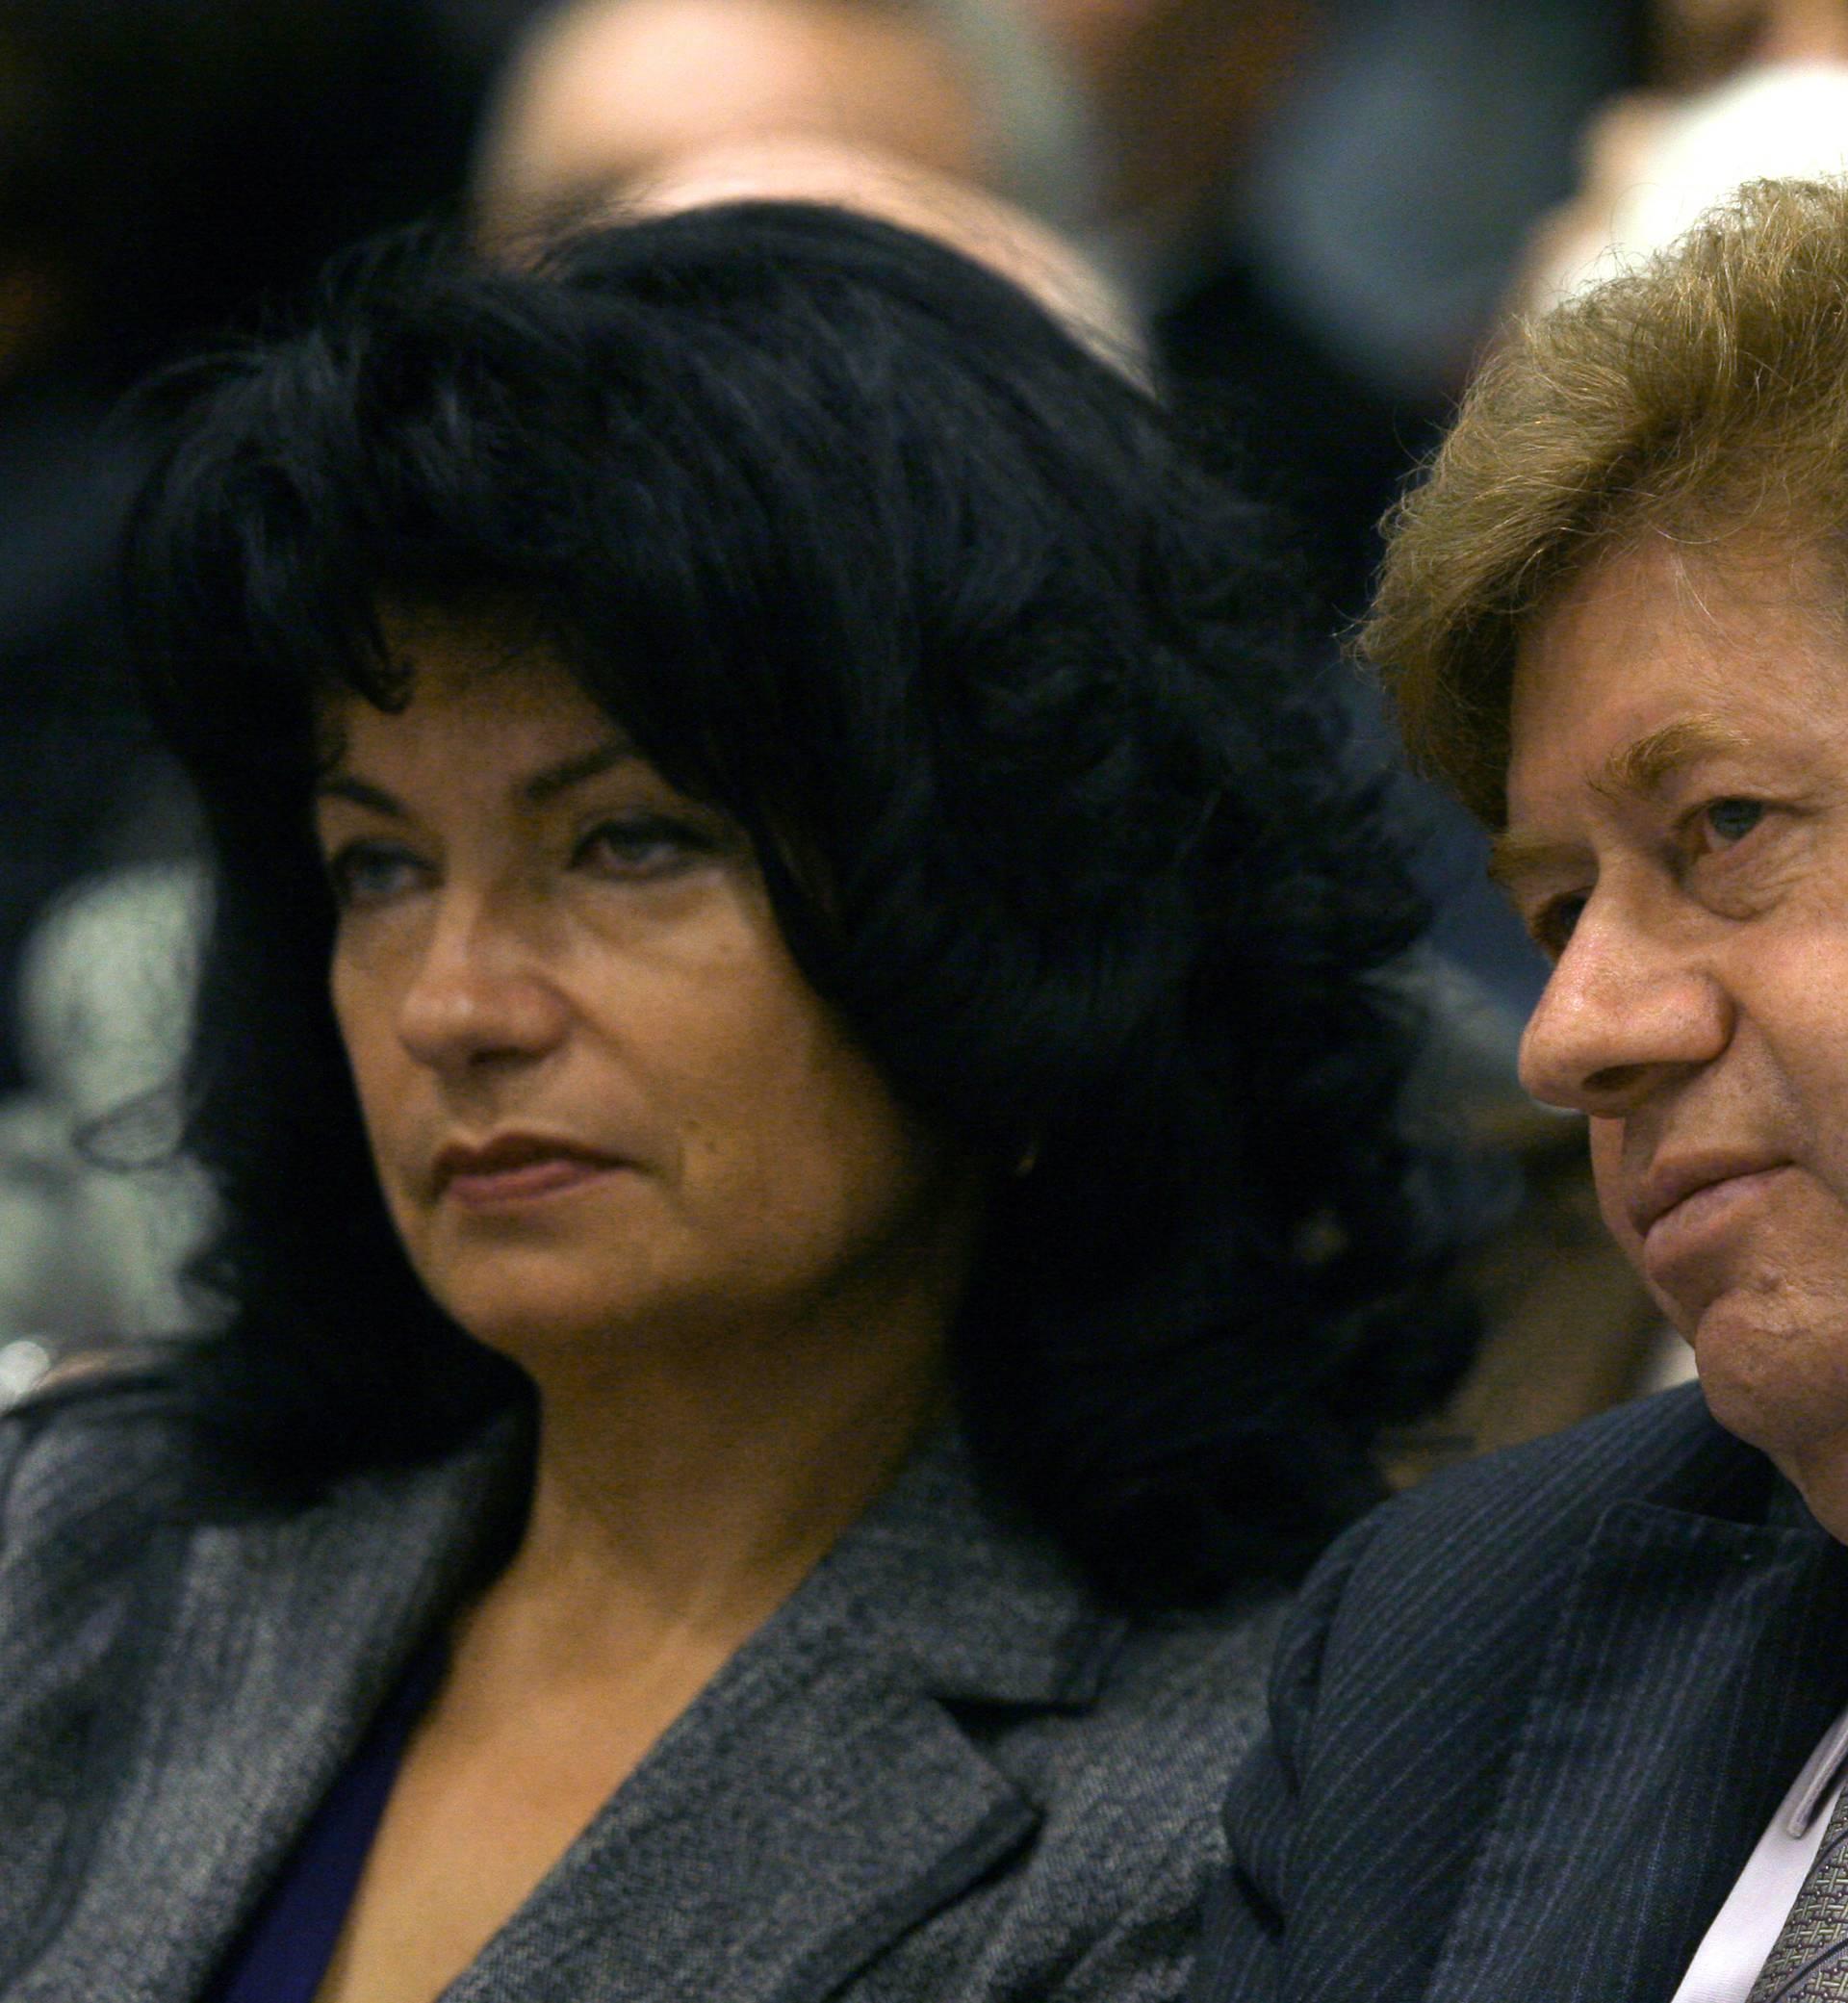 Pevec: Molim građane po kunu da mogu platiti sudsku kaznu!